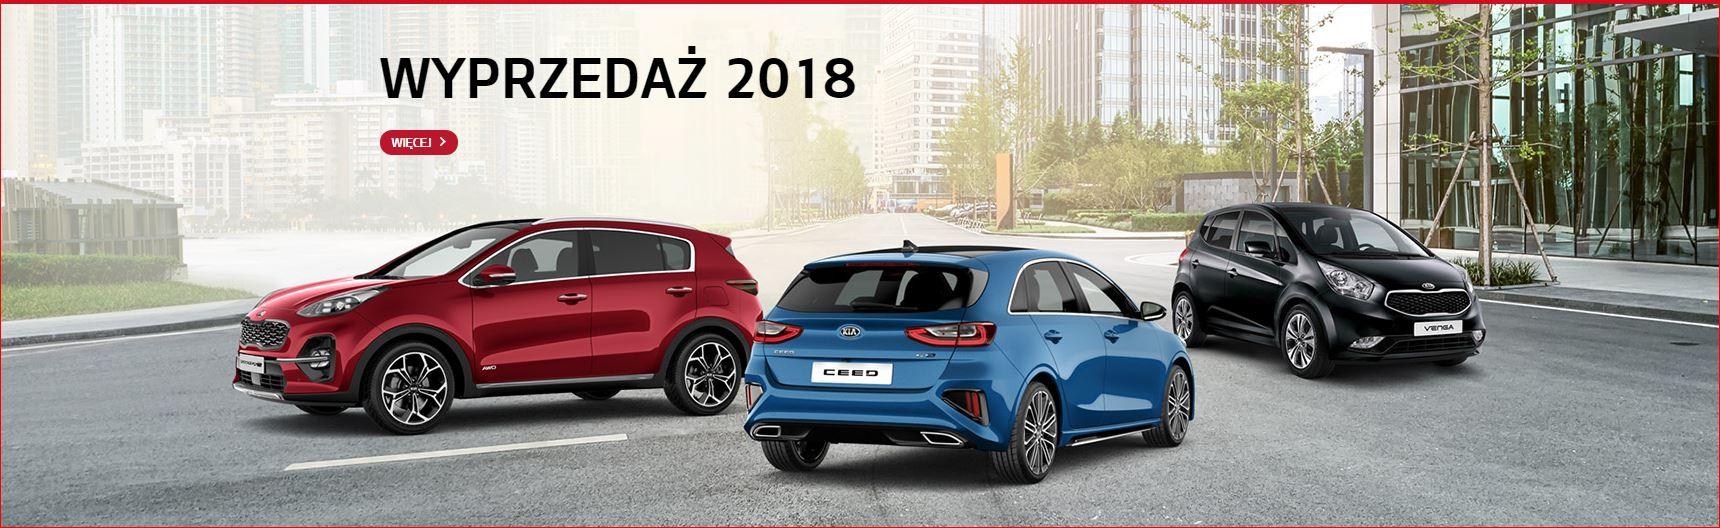 Zyskaj na zakupie samochodów KIA z rocznika 2018 6